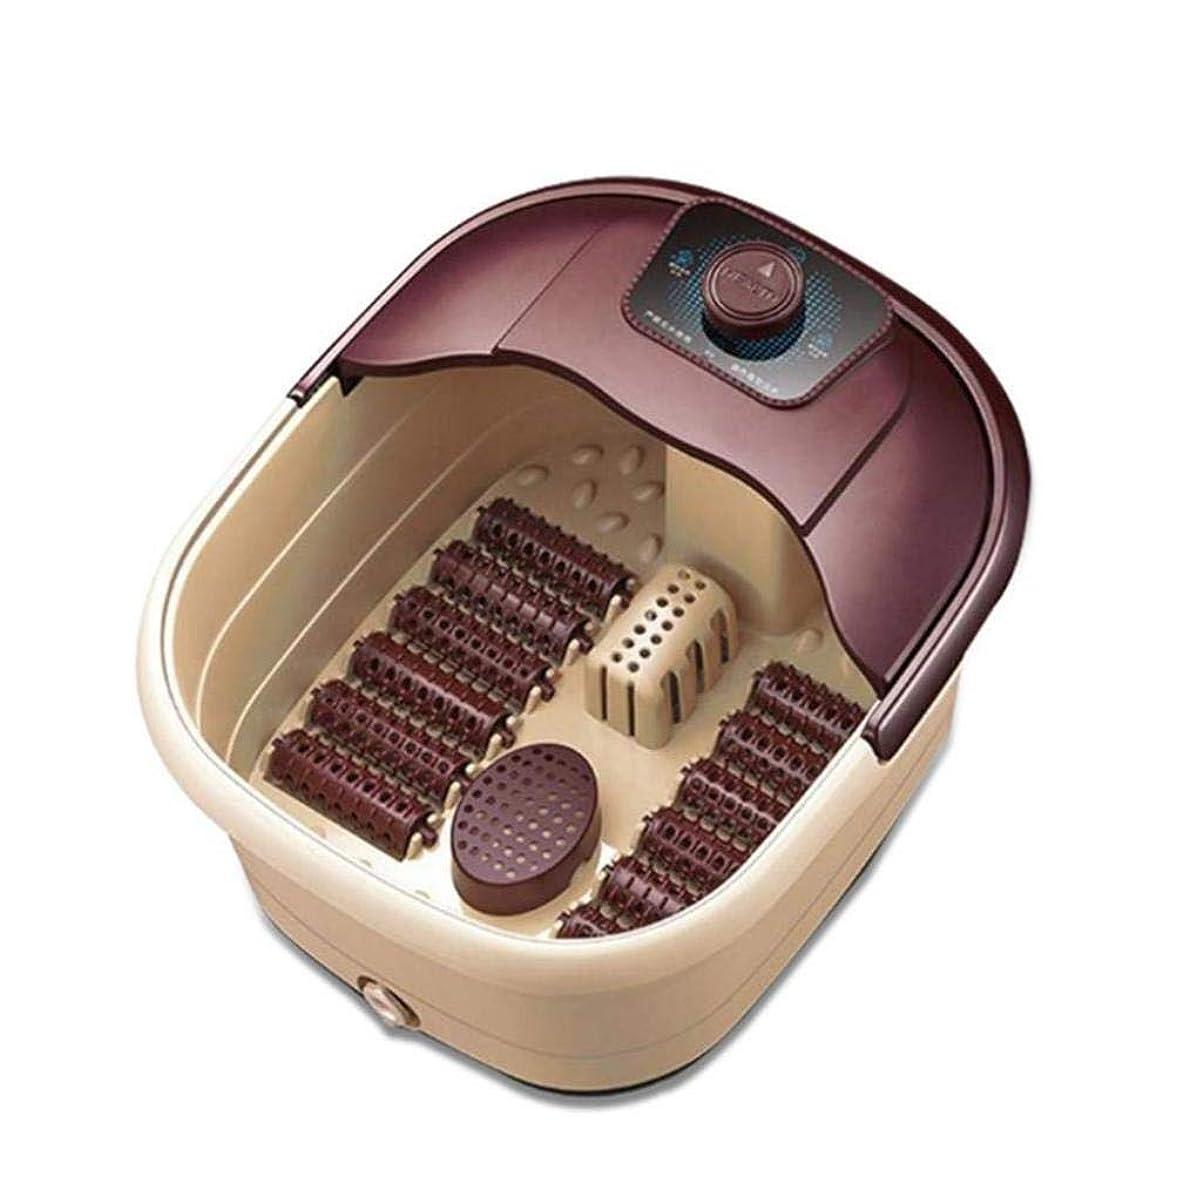 遅滞立証する打撃電動フットマッサージャー、マッサージャーバケット、電動フットスパ/バスマッサージマシン、高温温度制御ローリング、フットケアおよびストレスリリーフ用